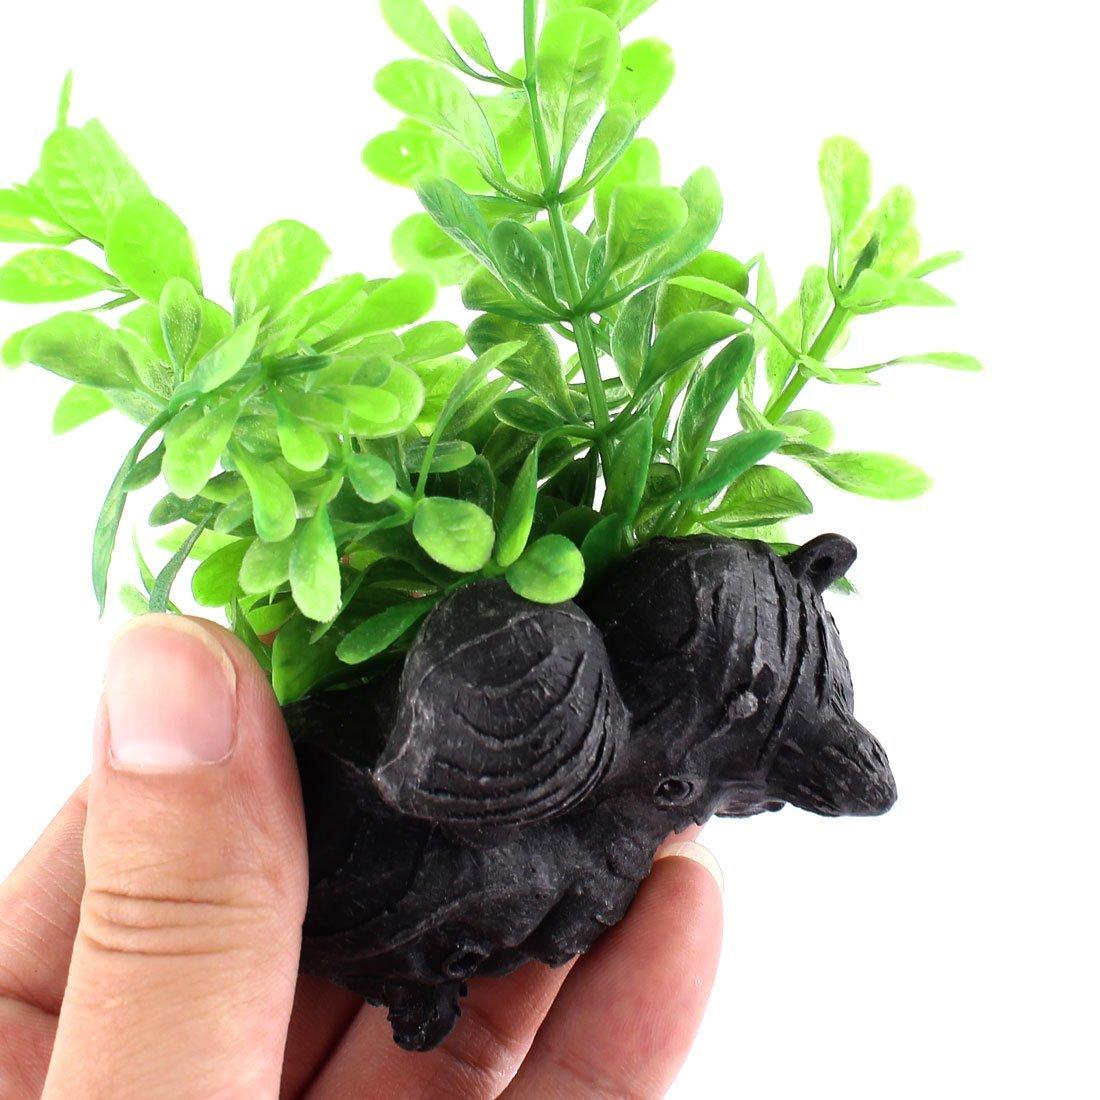 Amazon.com : eDealMax Planta Peces de plástico acuario del tanque de agua de hierba Artificial Verde : Pet Supplies